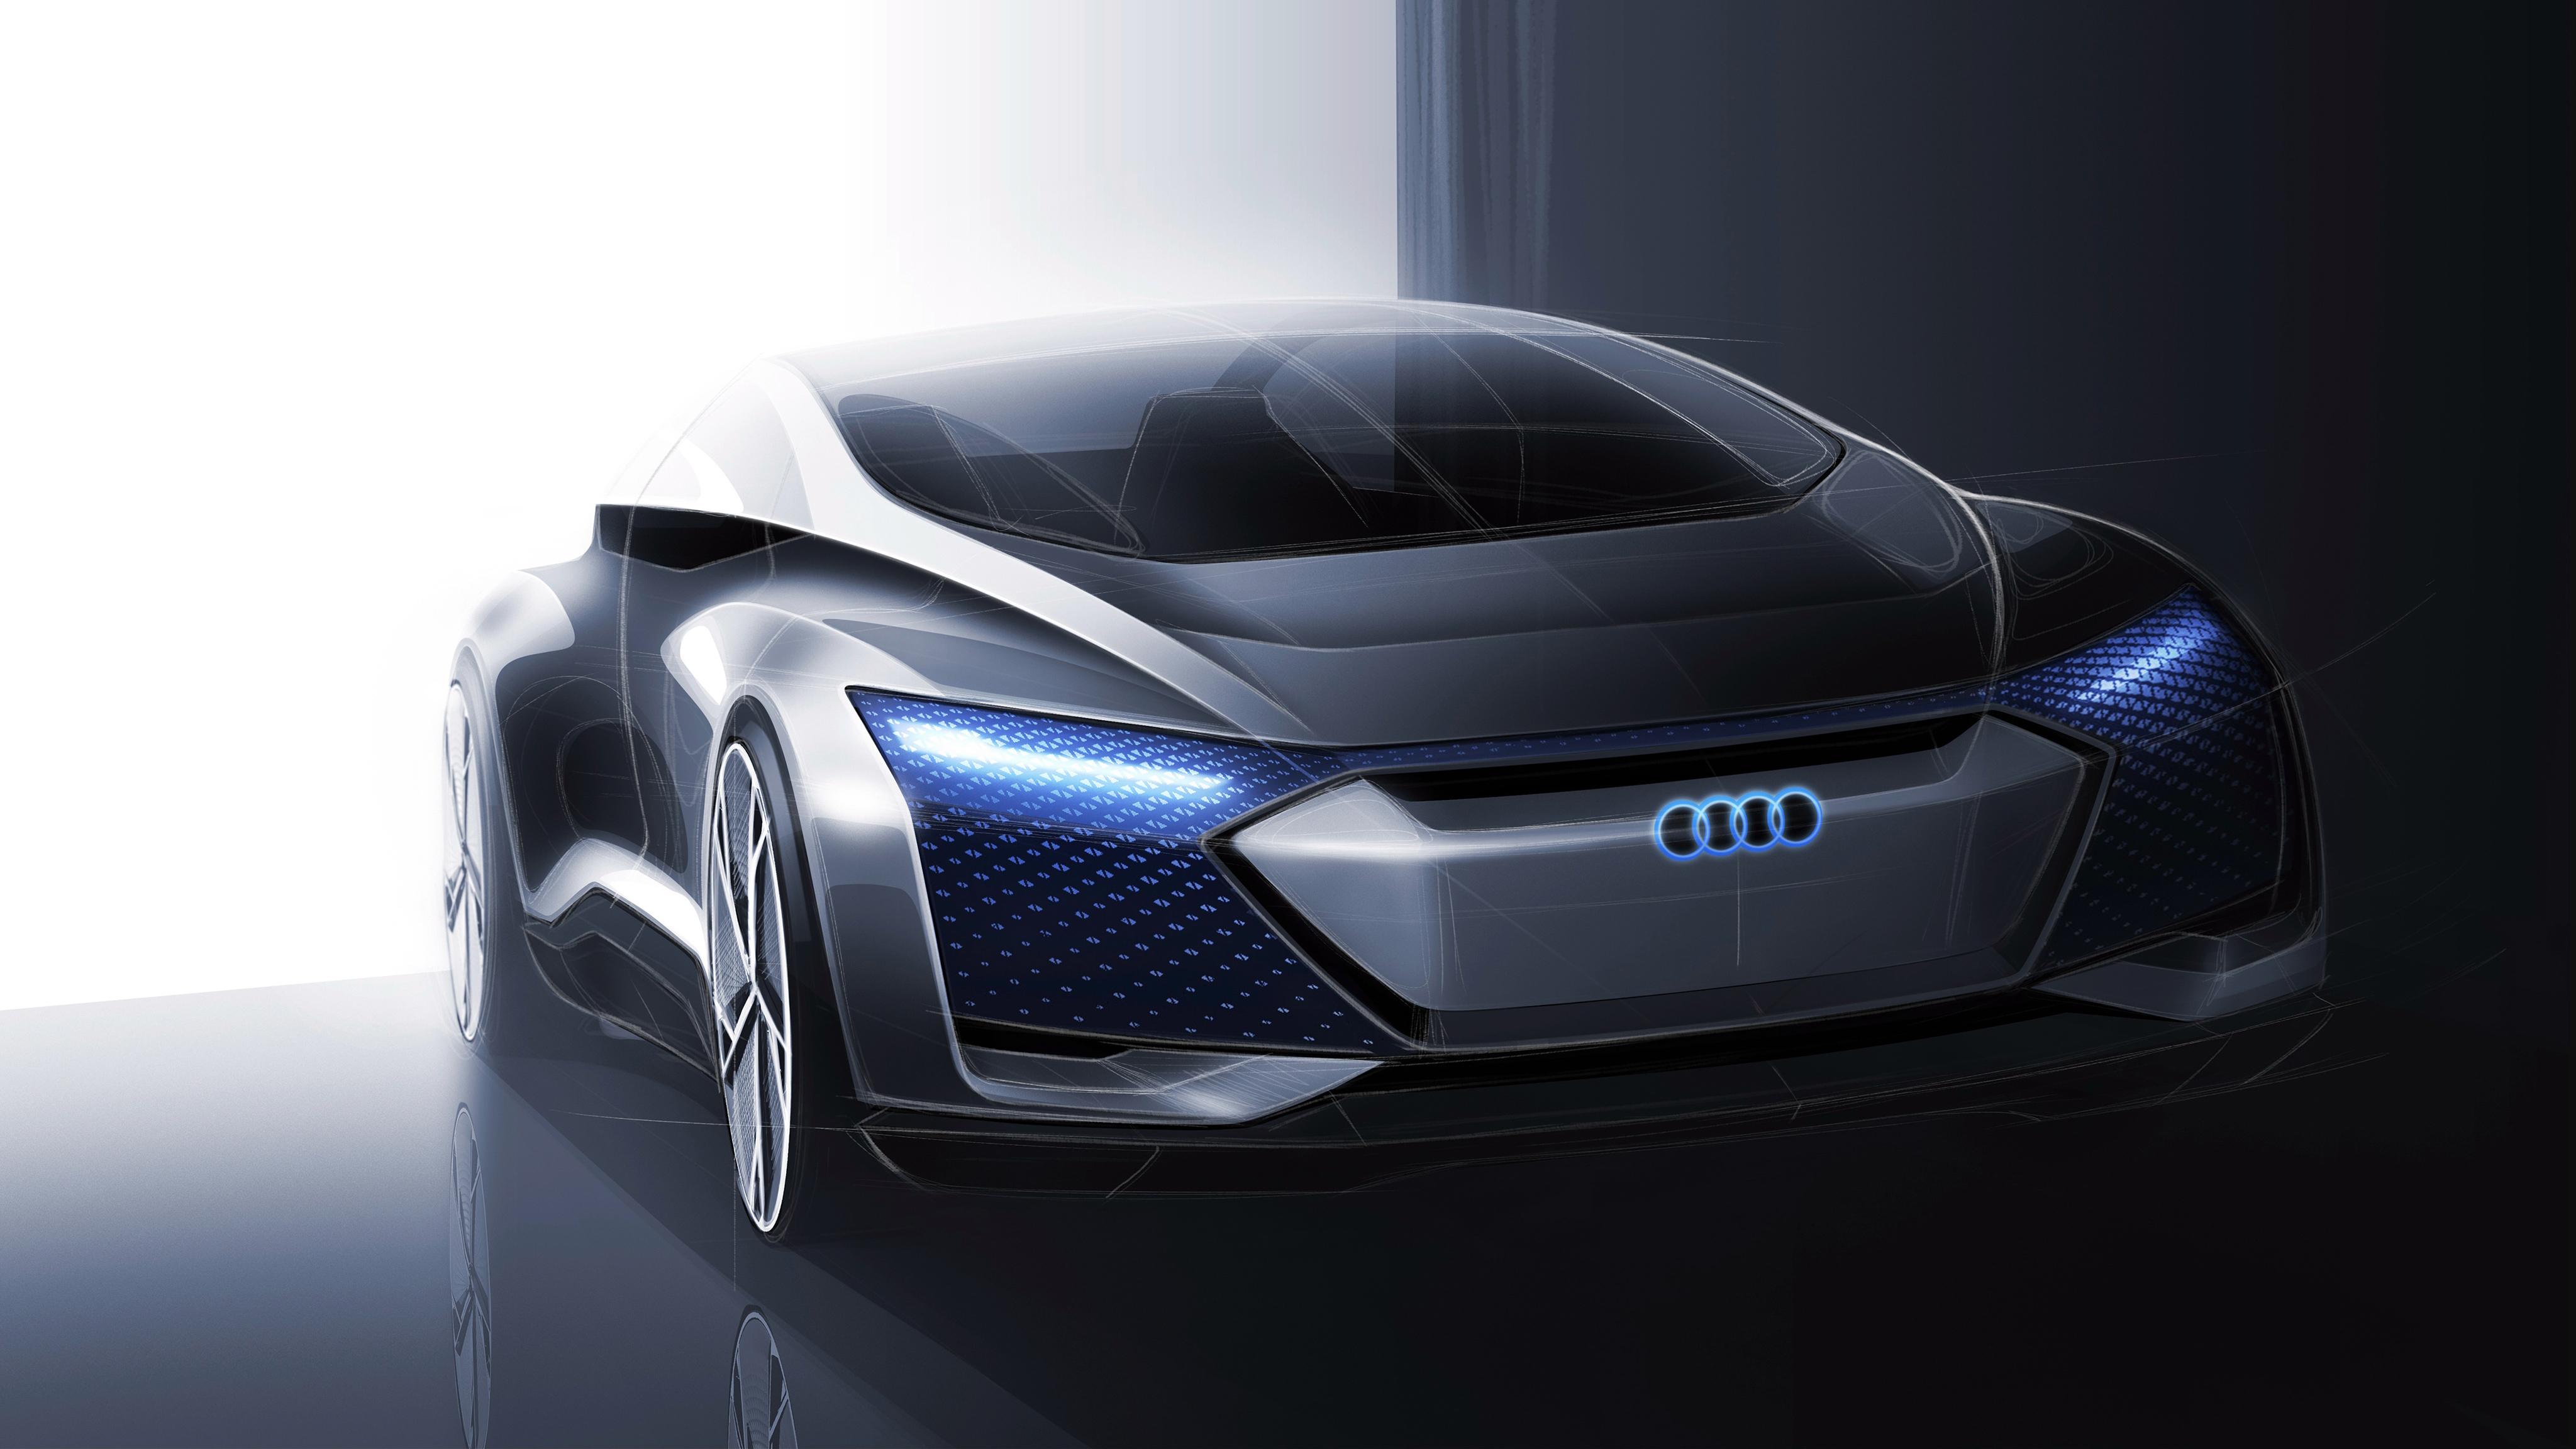 Porsche Boxster Wallpaper Hd Audi Aicon Concept Car 4k Wallpaper Hd Car Wallpapers